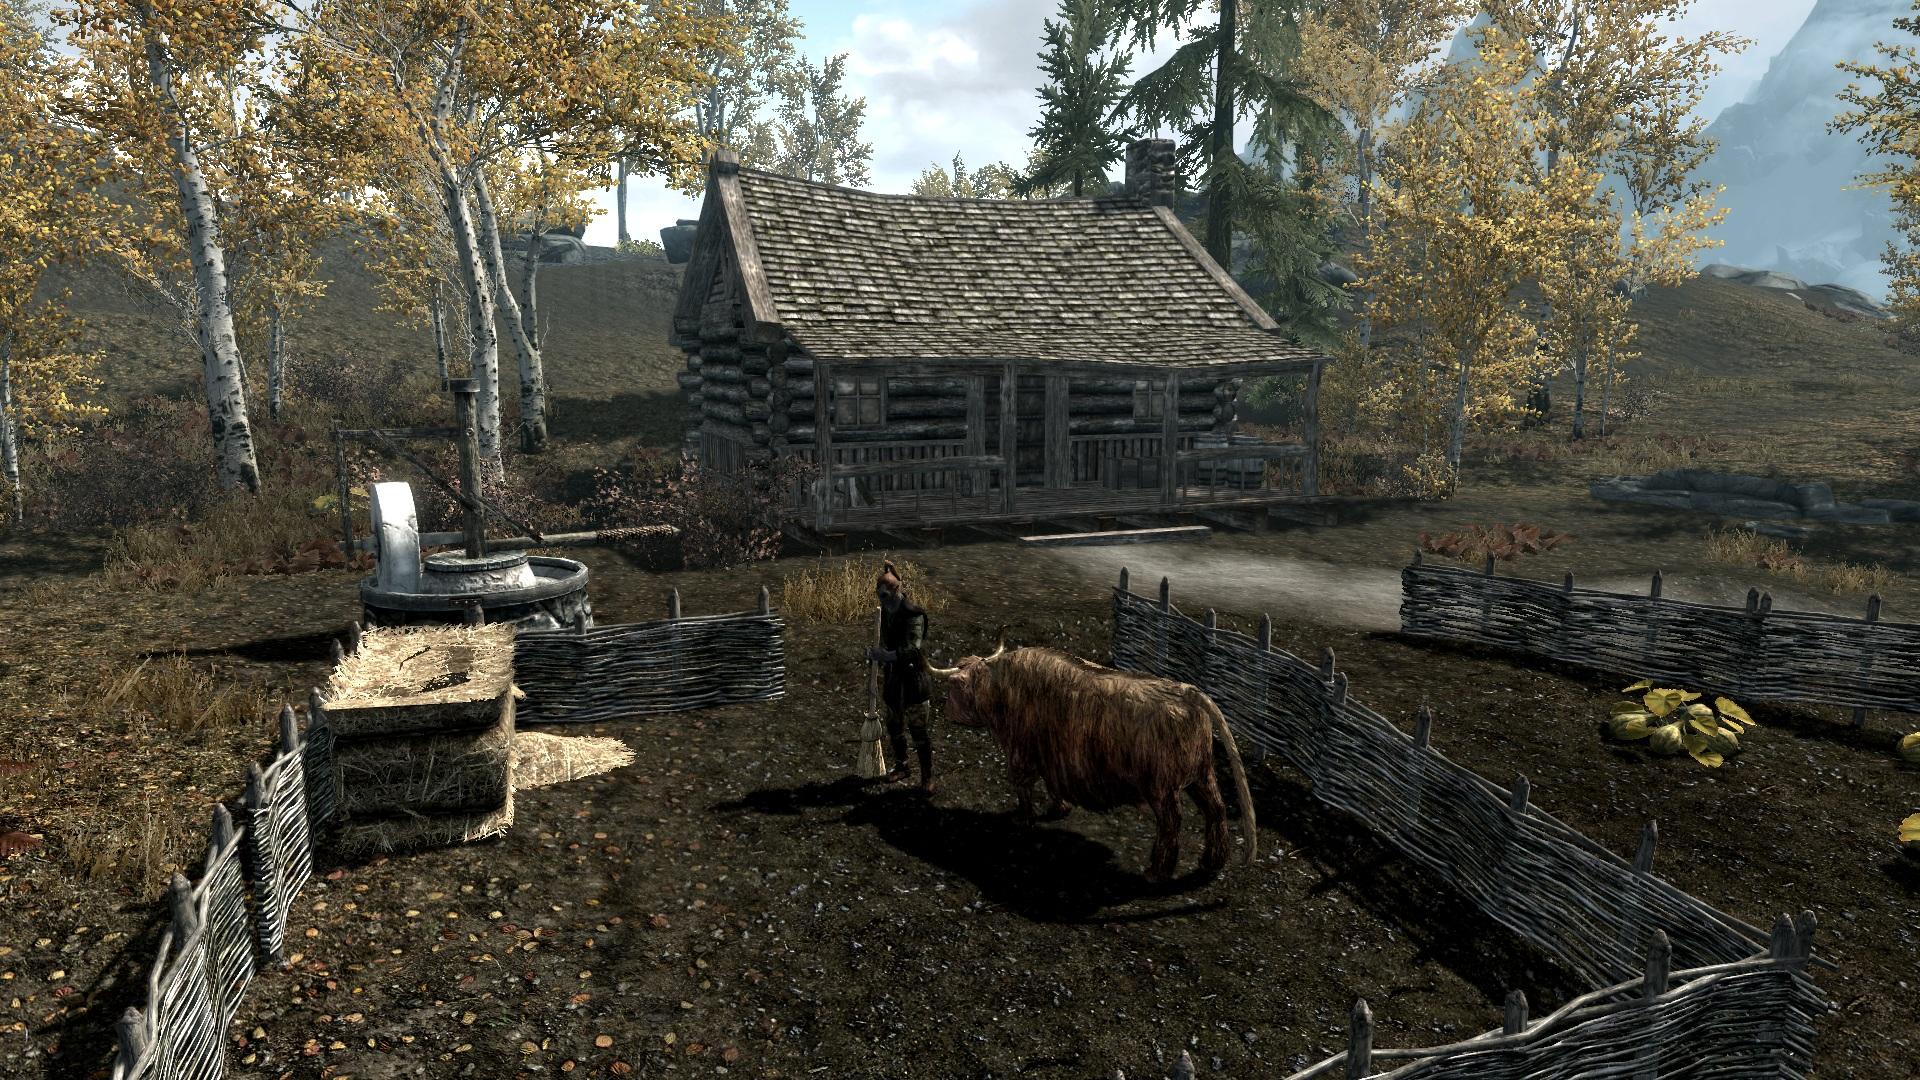 Merryfair Farm